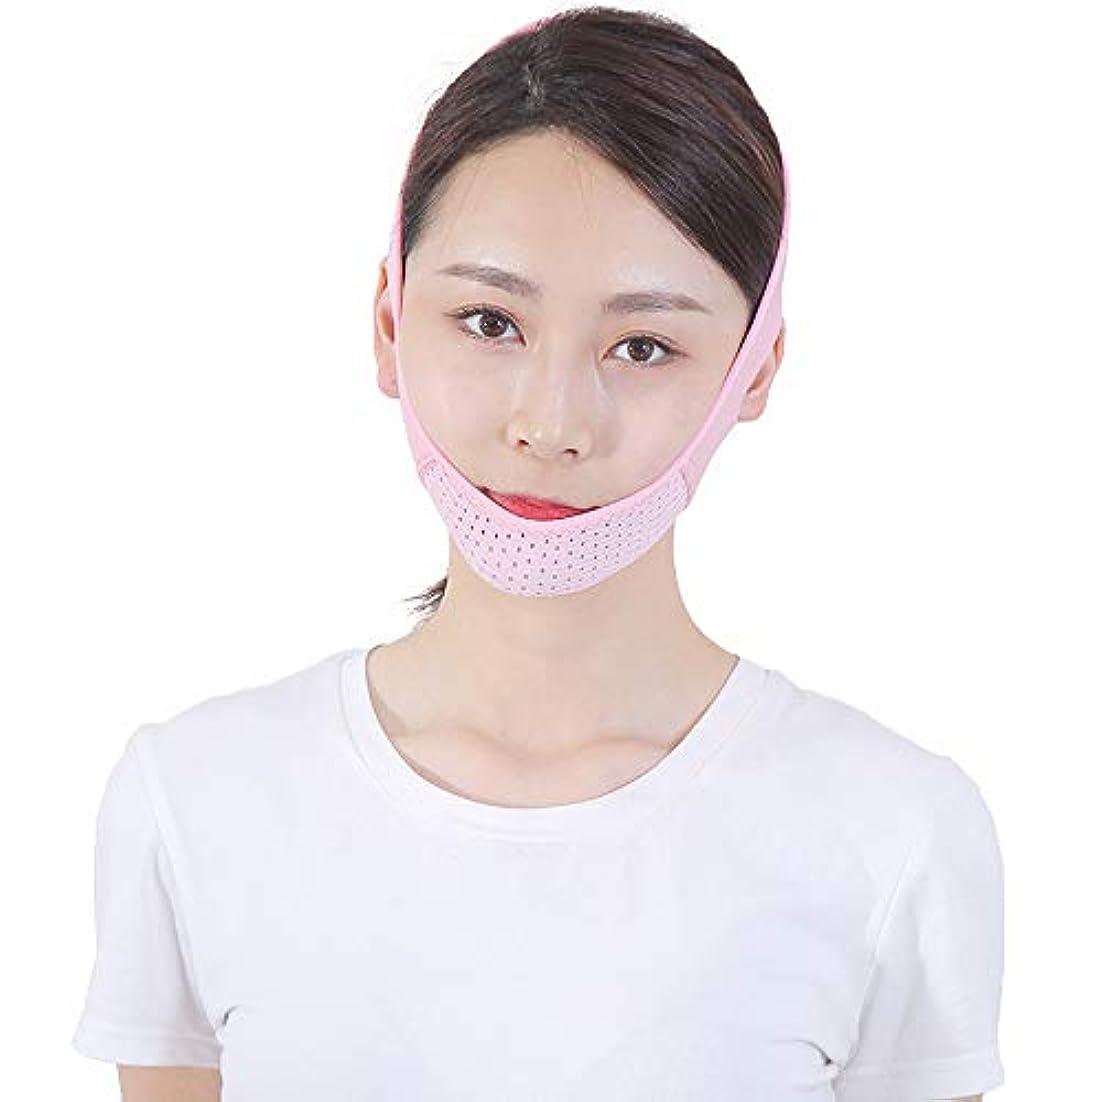 顕著カリング保持するフェイスリフトベルト 薄い顔のベルト - 薄い顔のベルト通気性のある顔の包帯ダブルチンの顔リフトの人工物Vのフェイスベルト薄い顔のマスク